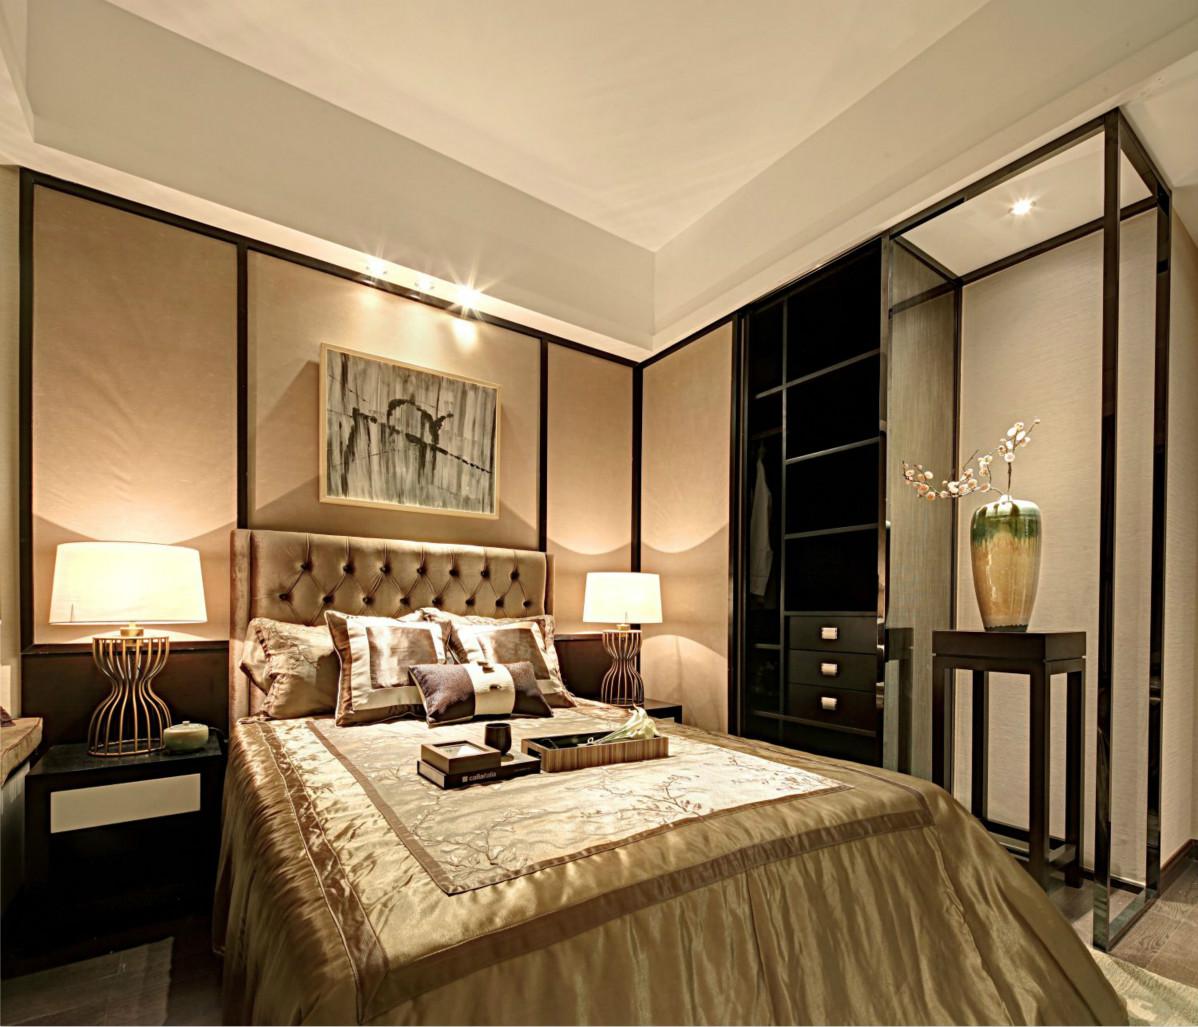 次卧配上挂画和壁灯,非常的清新素雅,床搭配素档次感十足的床品,让人眼前一亮。